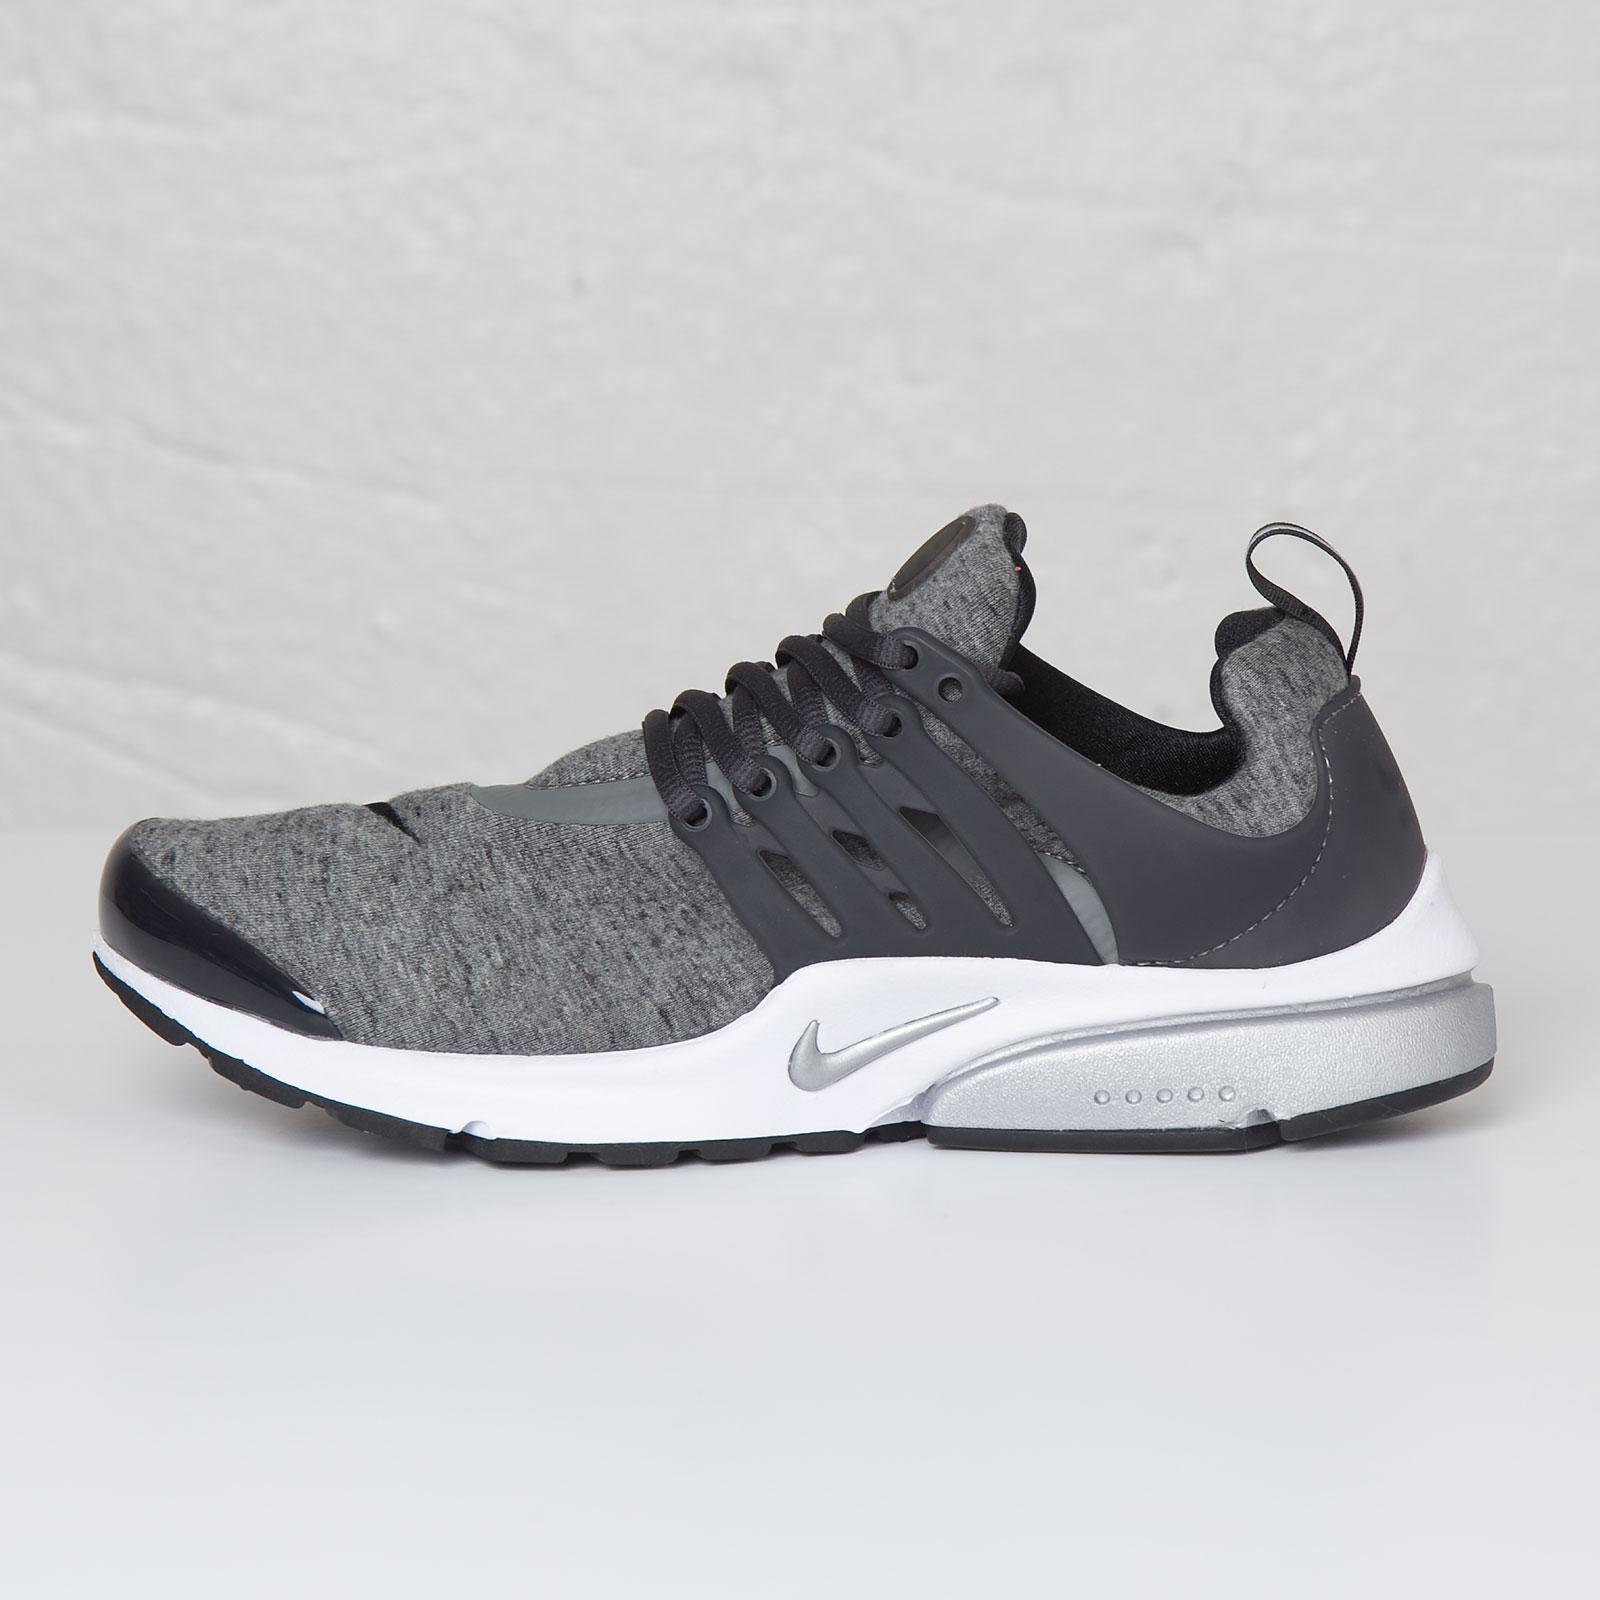 cheaper 38220 76d15 Nike Air Presto Fleece - 812307-002 - Sneakersnstuff   sneakers    streetwear online since 1999